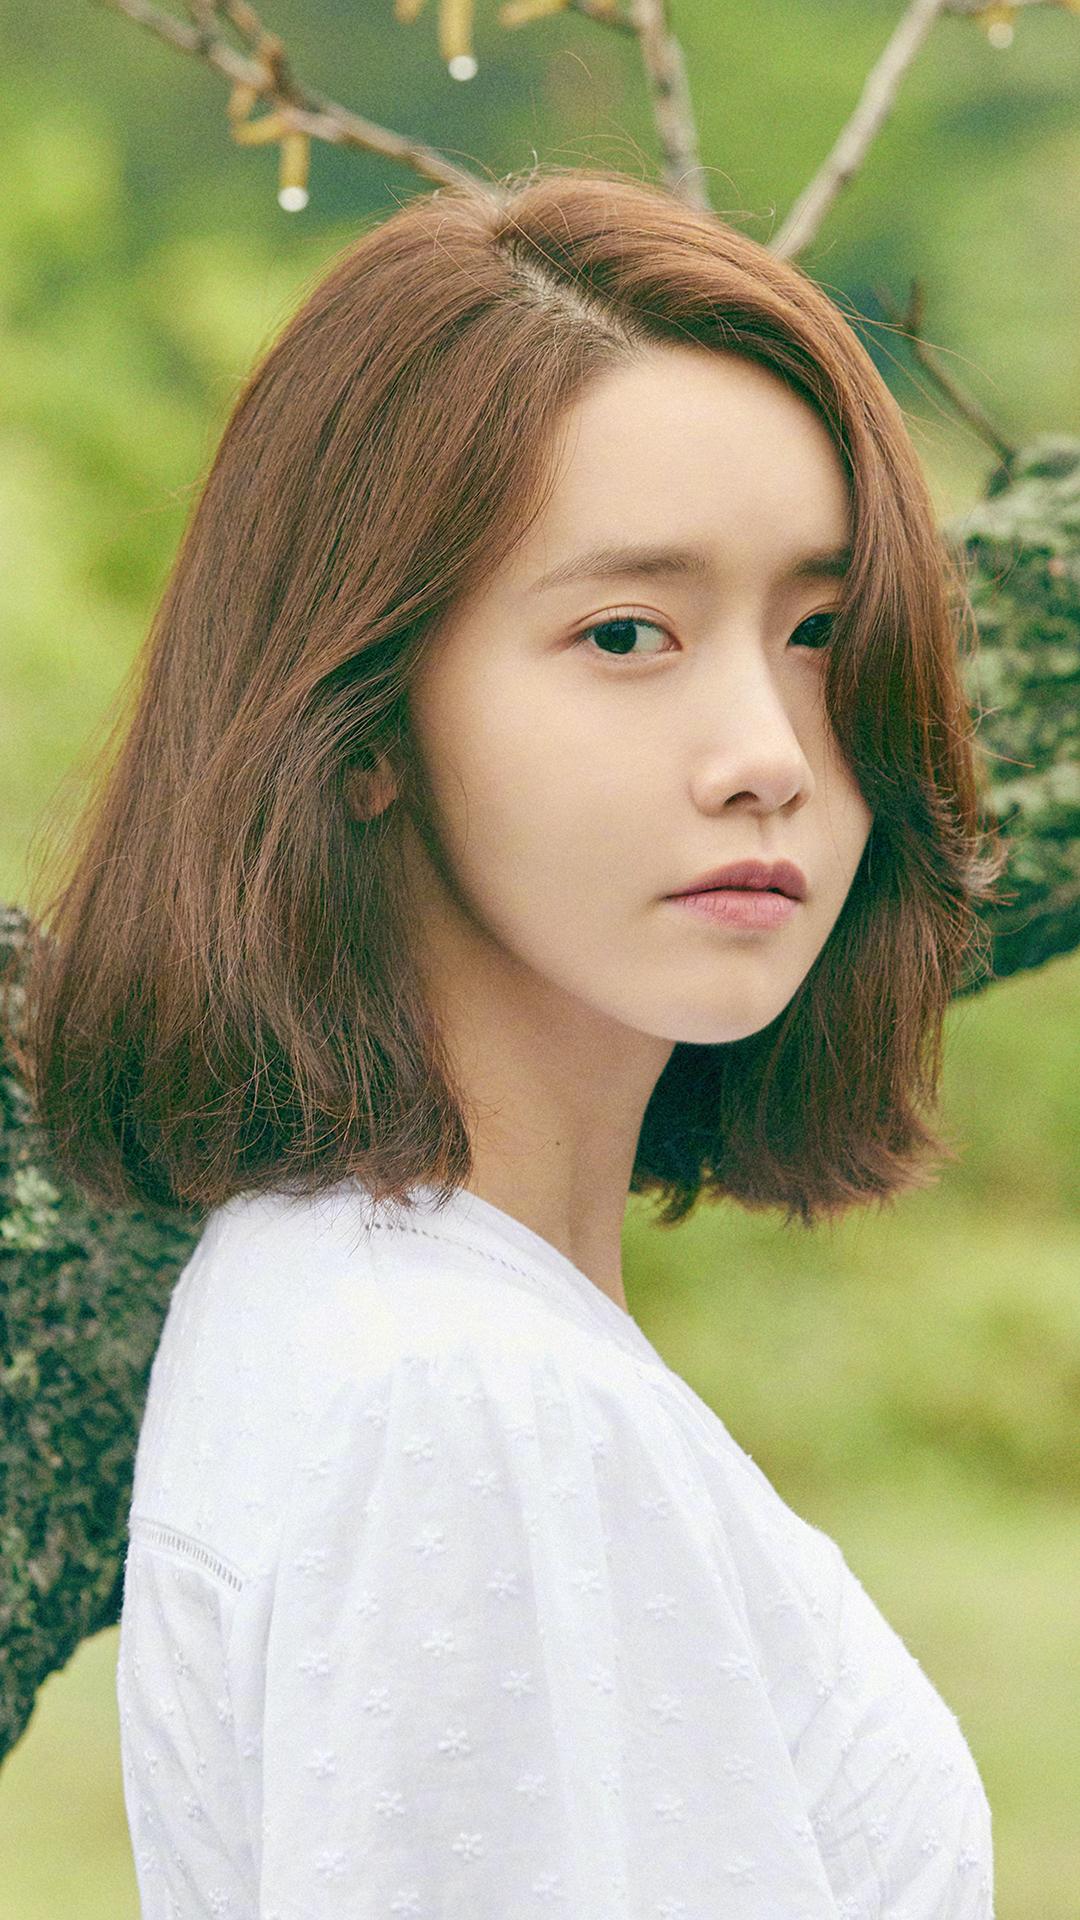 林允儿 韩国 演员 明星 歌手 艺人 短发 绿色 小清新